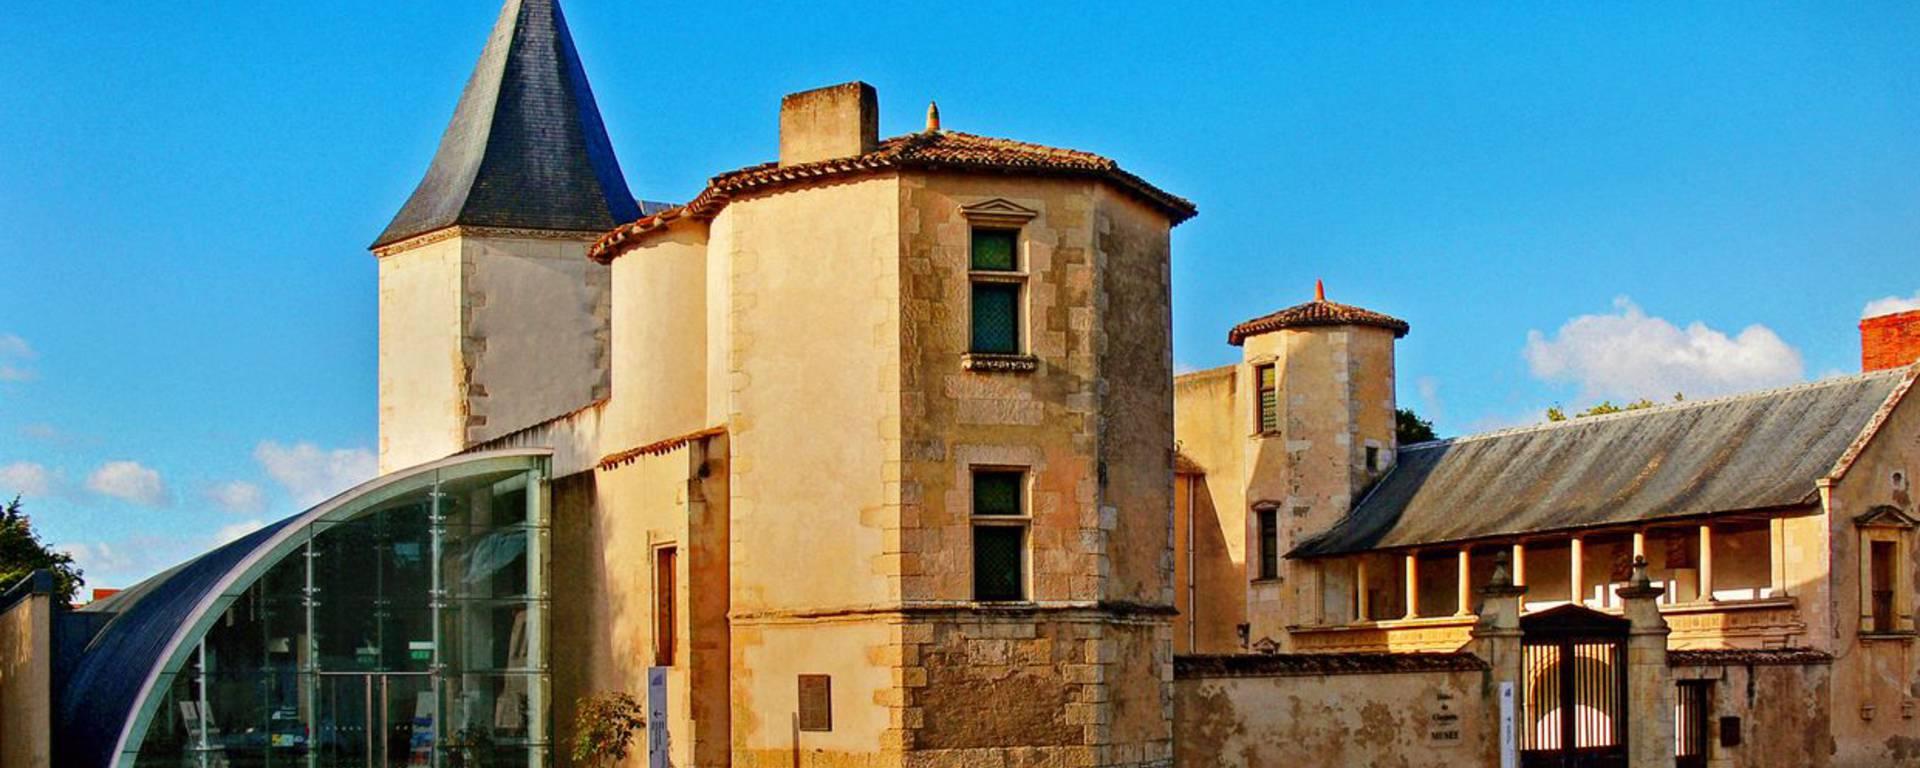 Le musée Ernest Cognac